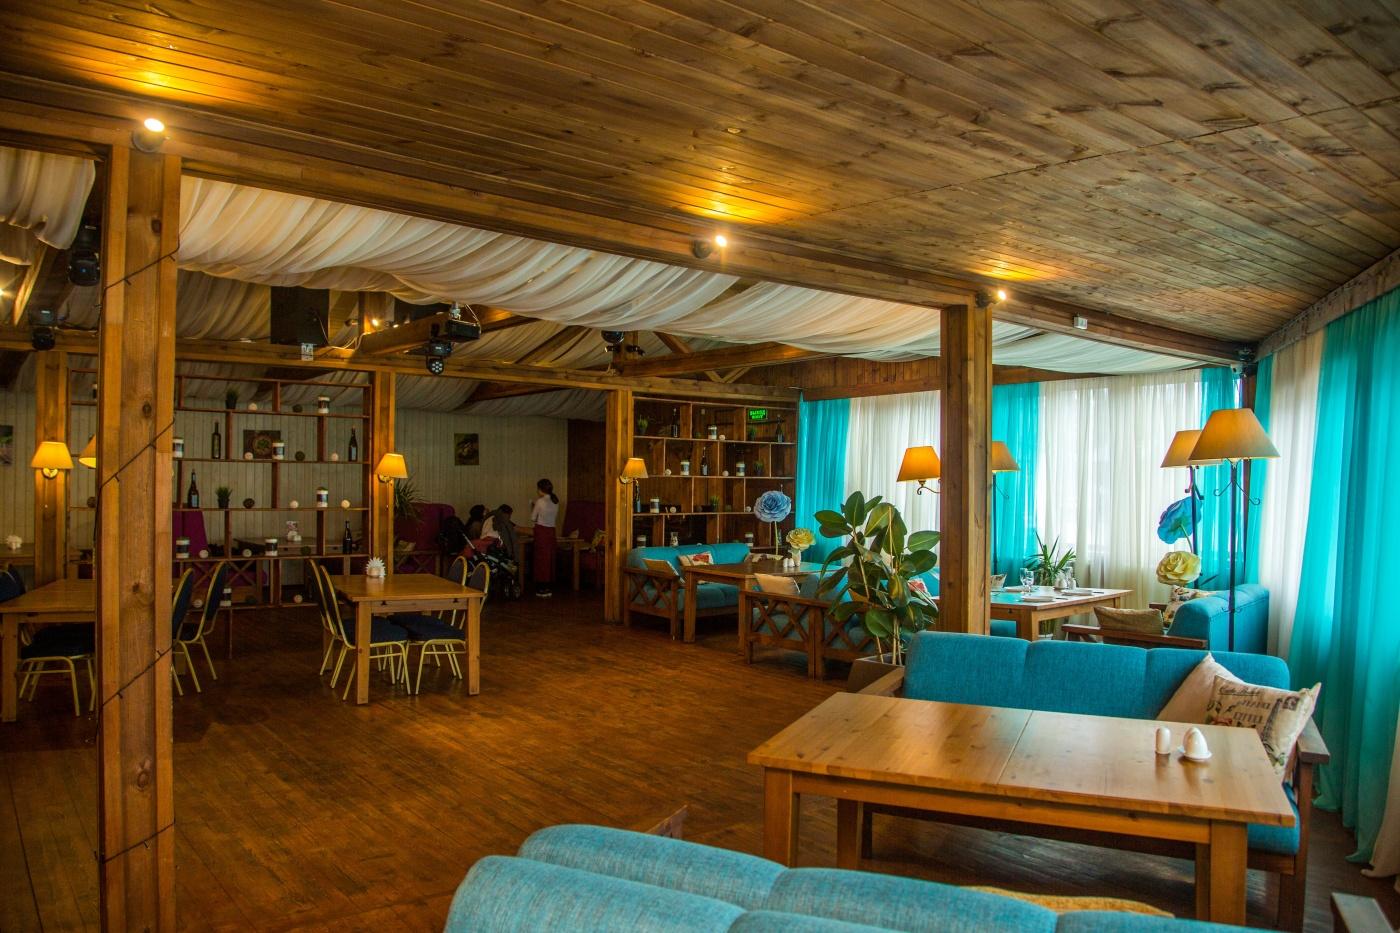 База отдыха Park-Hotel «Сойкино» Ленинградская область Групповой заезд, фото 10